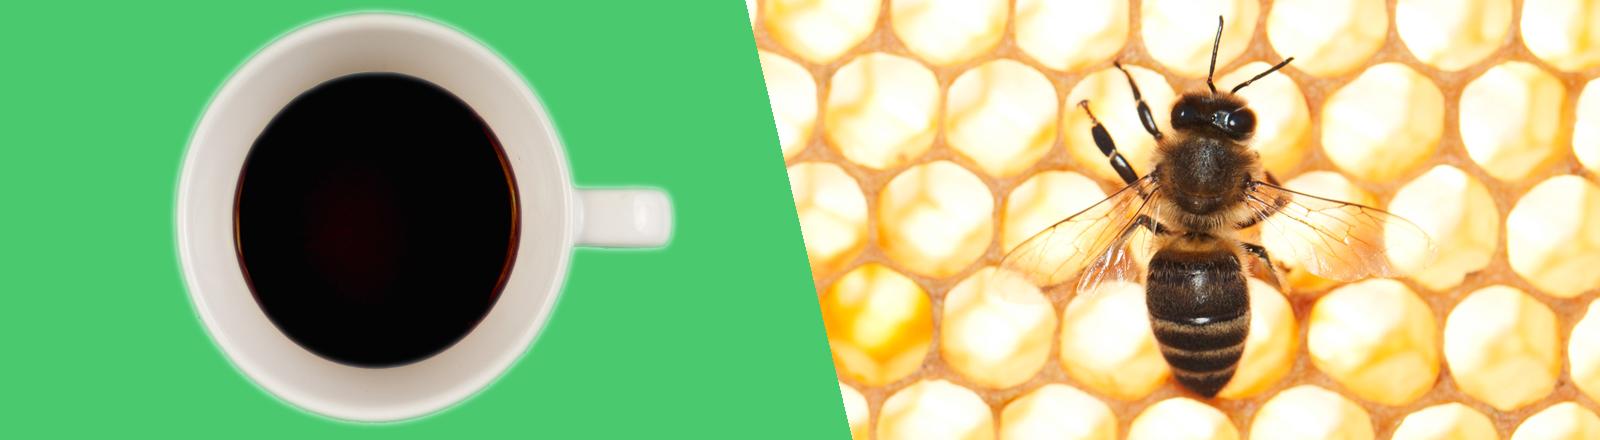 Fotomontag auf der eine Kaffeetasse und eine Biene zu sehen sind.